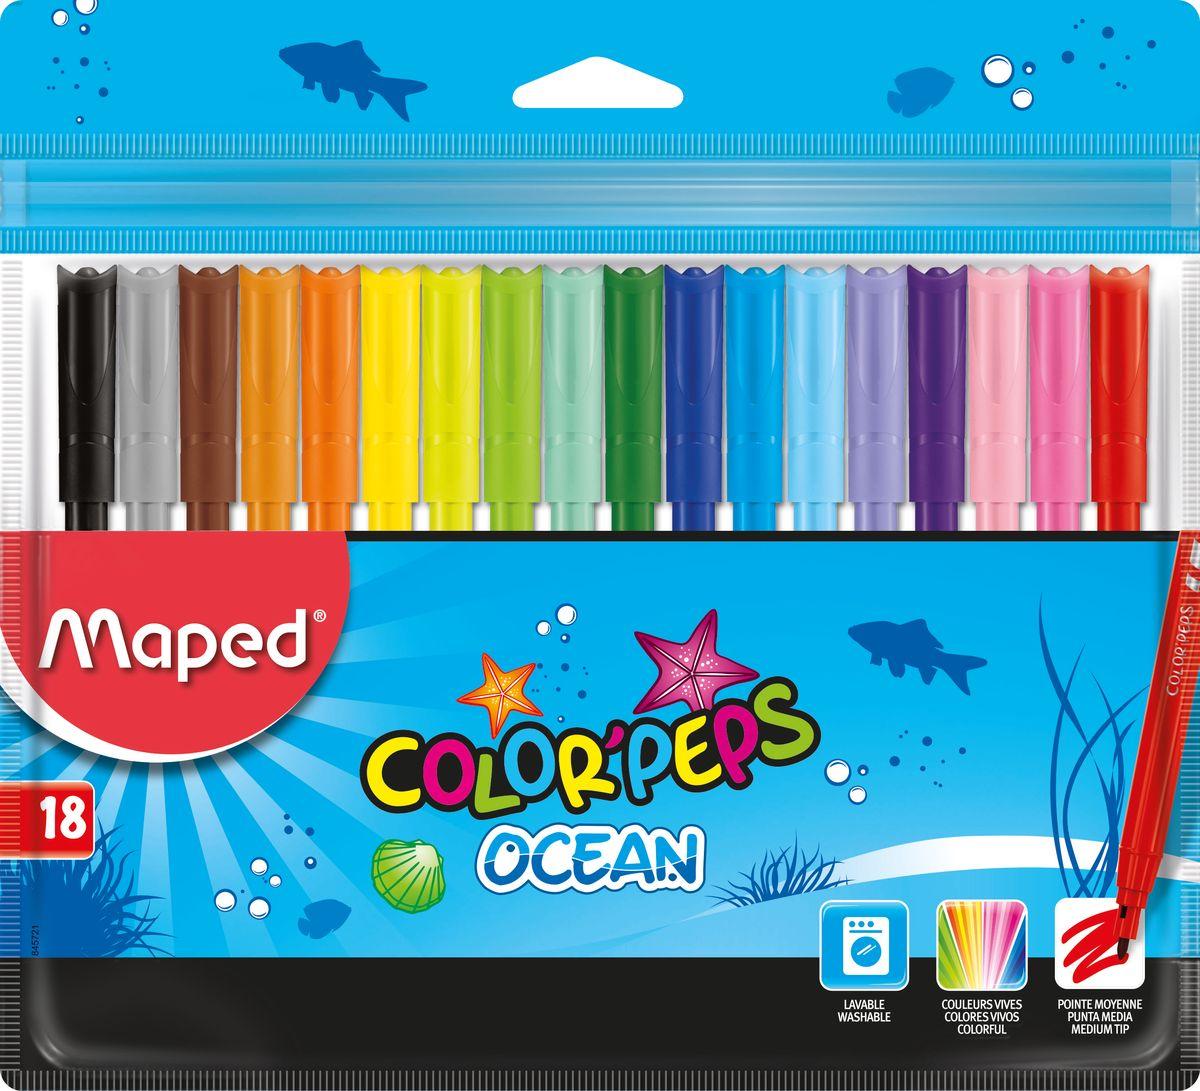 Maped Набор фломастеров Colorpeps Ocean 18 цветов845721Фломастеры Maped Colorpeps Ocean с заблокированным пишущим узлом, непременно понравится вашему юному художнику. Фломастеры легко смываются с рук и отстирываются. Пластиковый корпус и вентилируемый колпачок предохраняют чернила от преждевременного высыхания, что гарантирует длительный срок службы. Фломастеры подходят как для рисования, так и для письма.